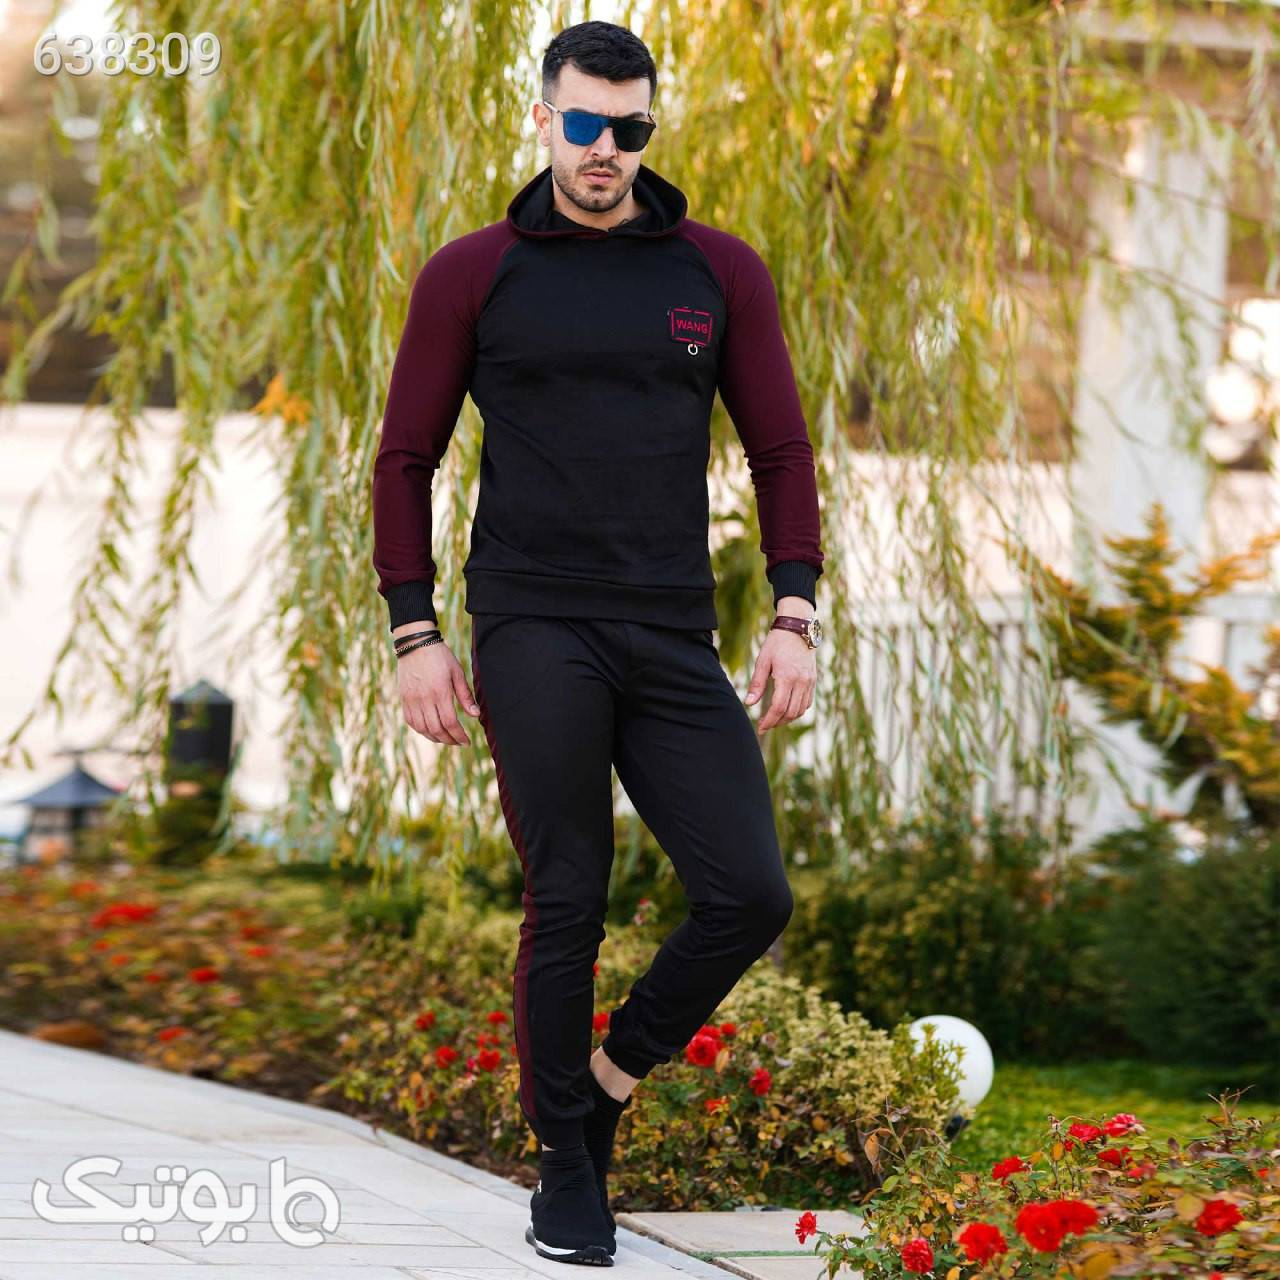 ست سویشرت وشلوار مردانه مدل Nakisa مشکی ست ورزشی مردانه